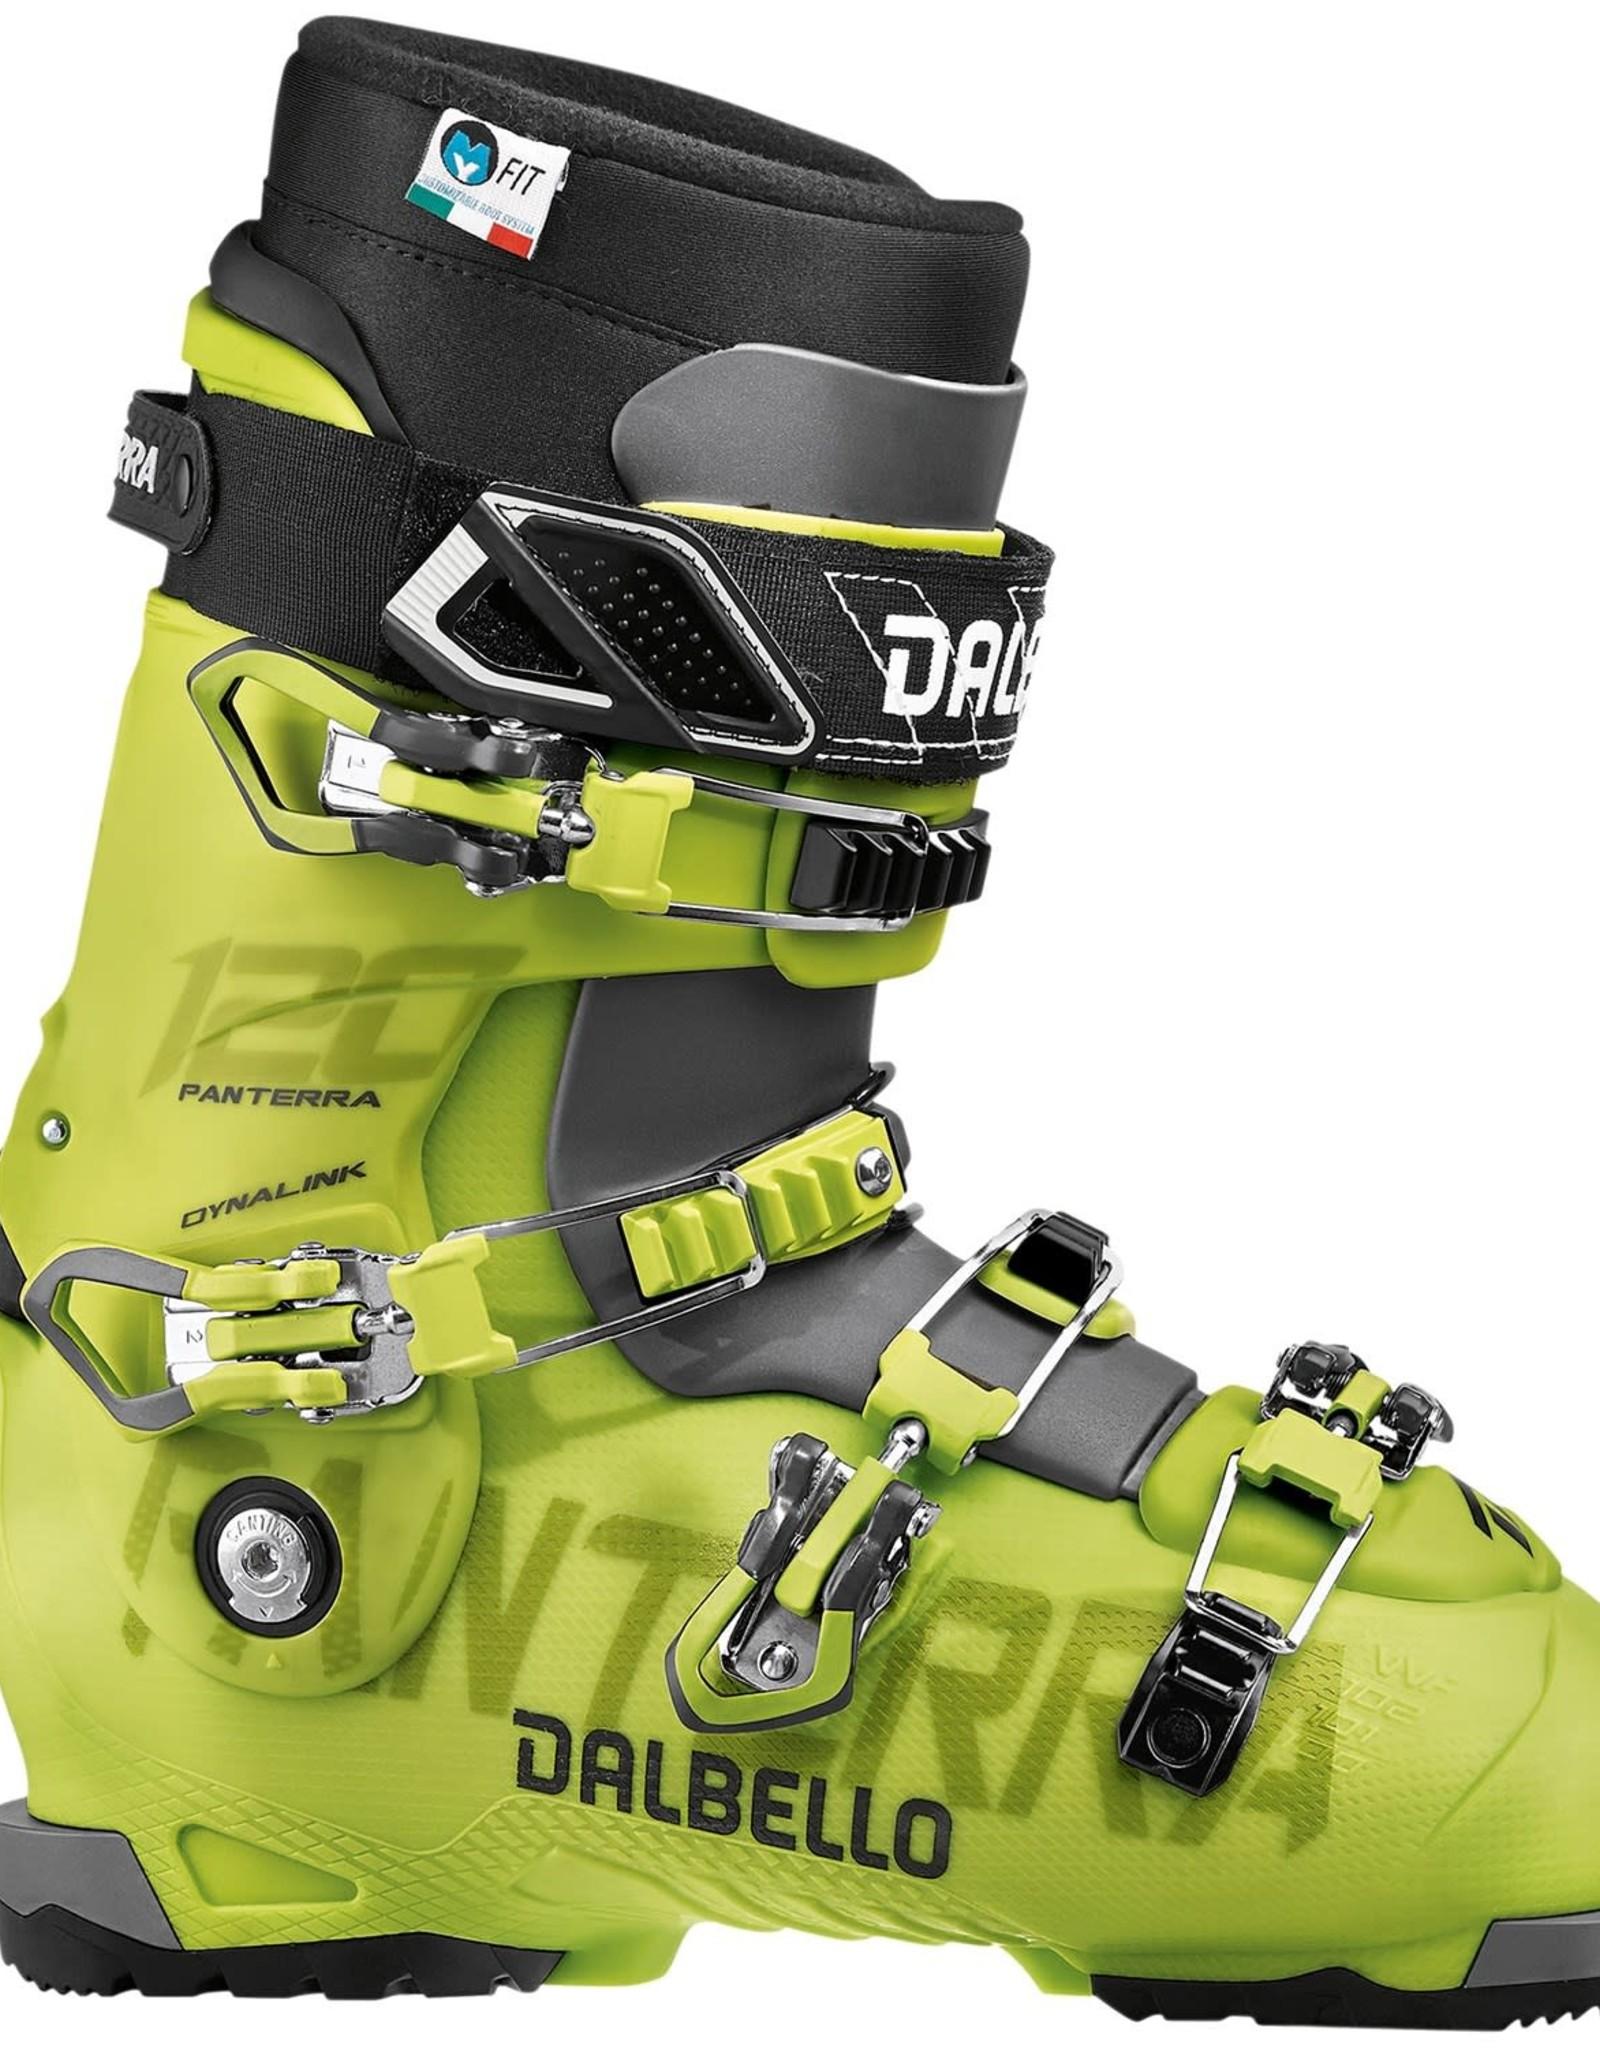 DALBELLO DALBELLO Ski Boots PANTERRA 120 ID (18/19)